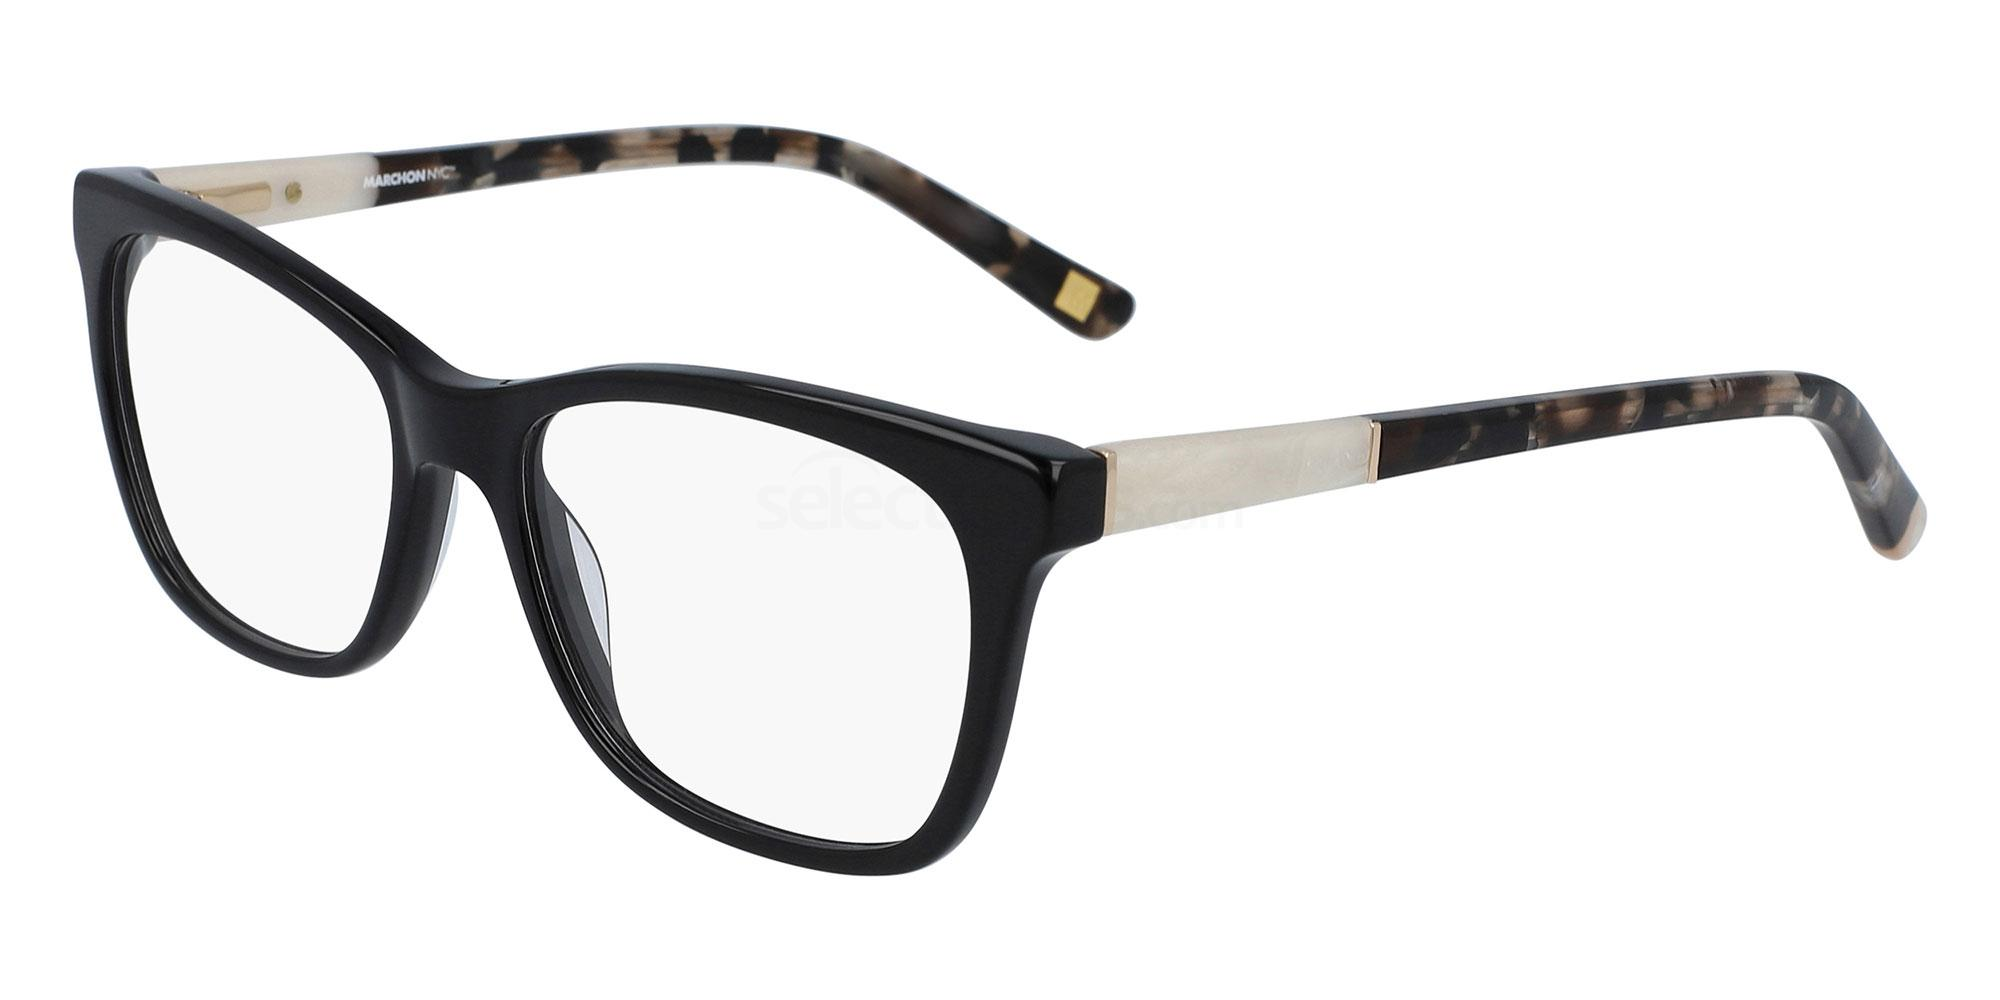 001 M-5004 Glasses, Marchon